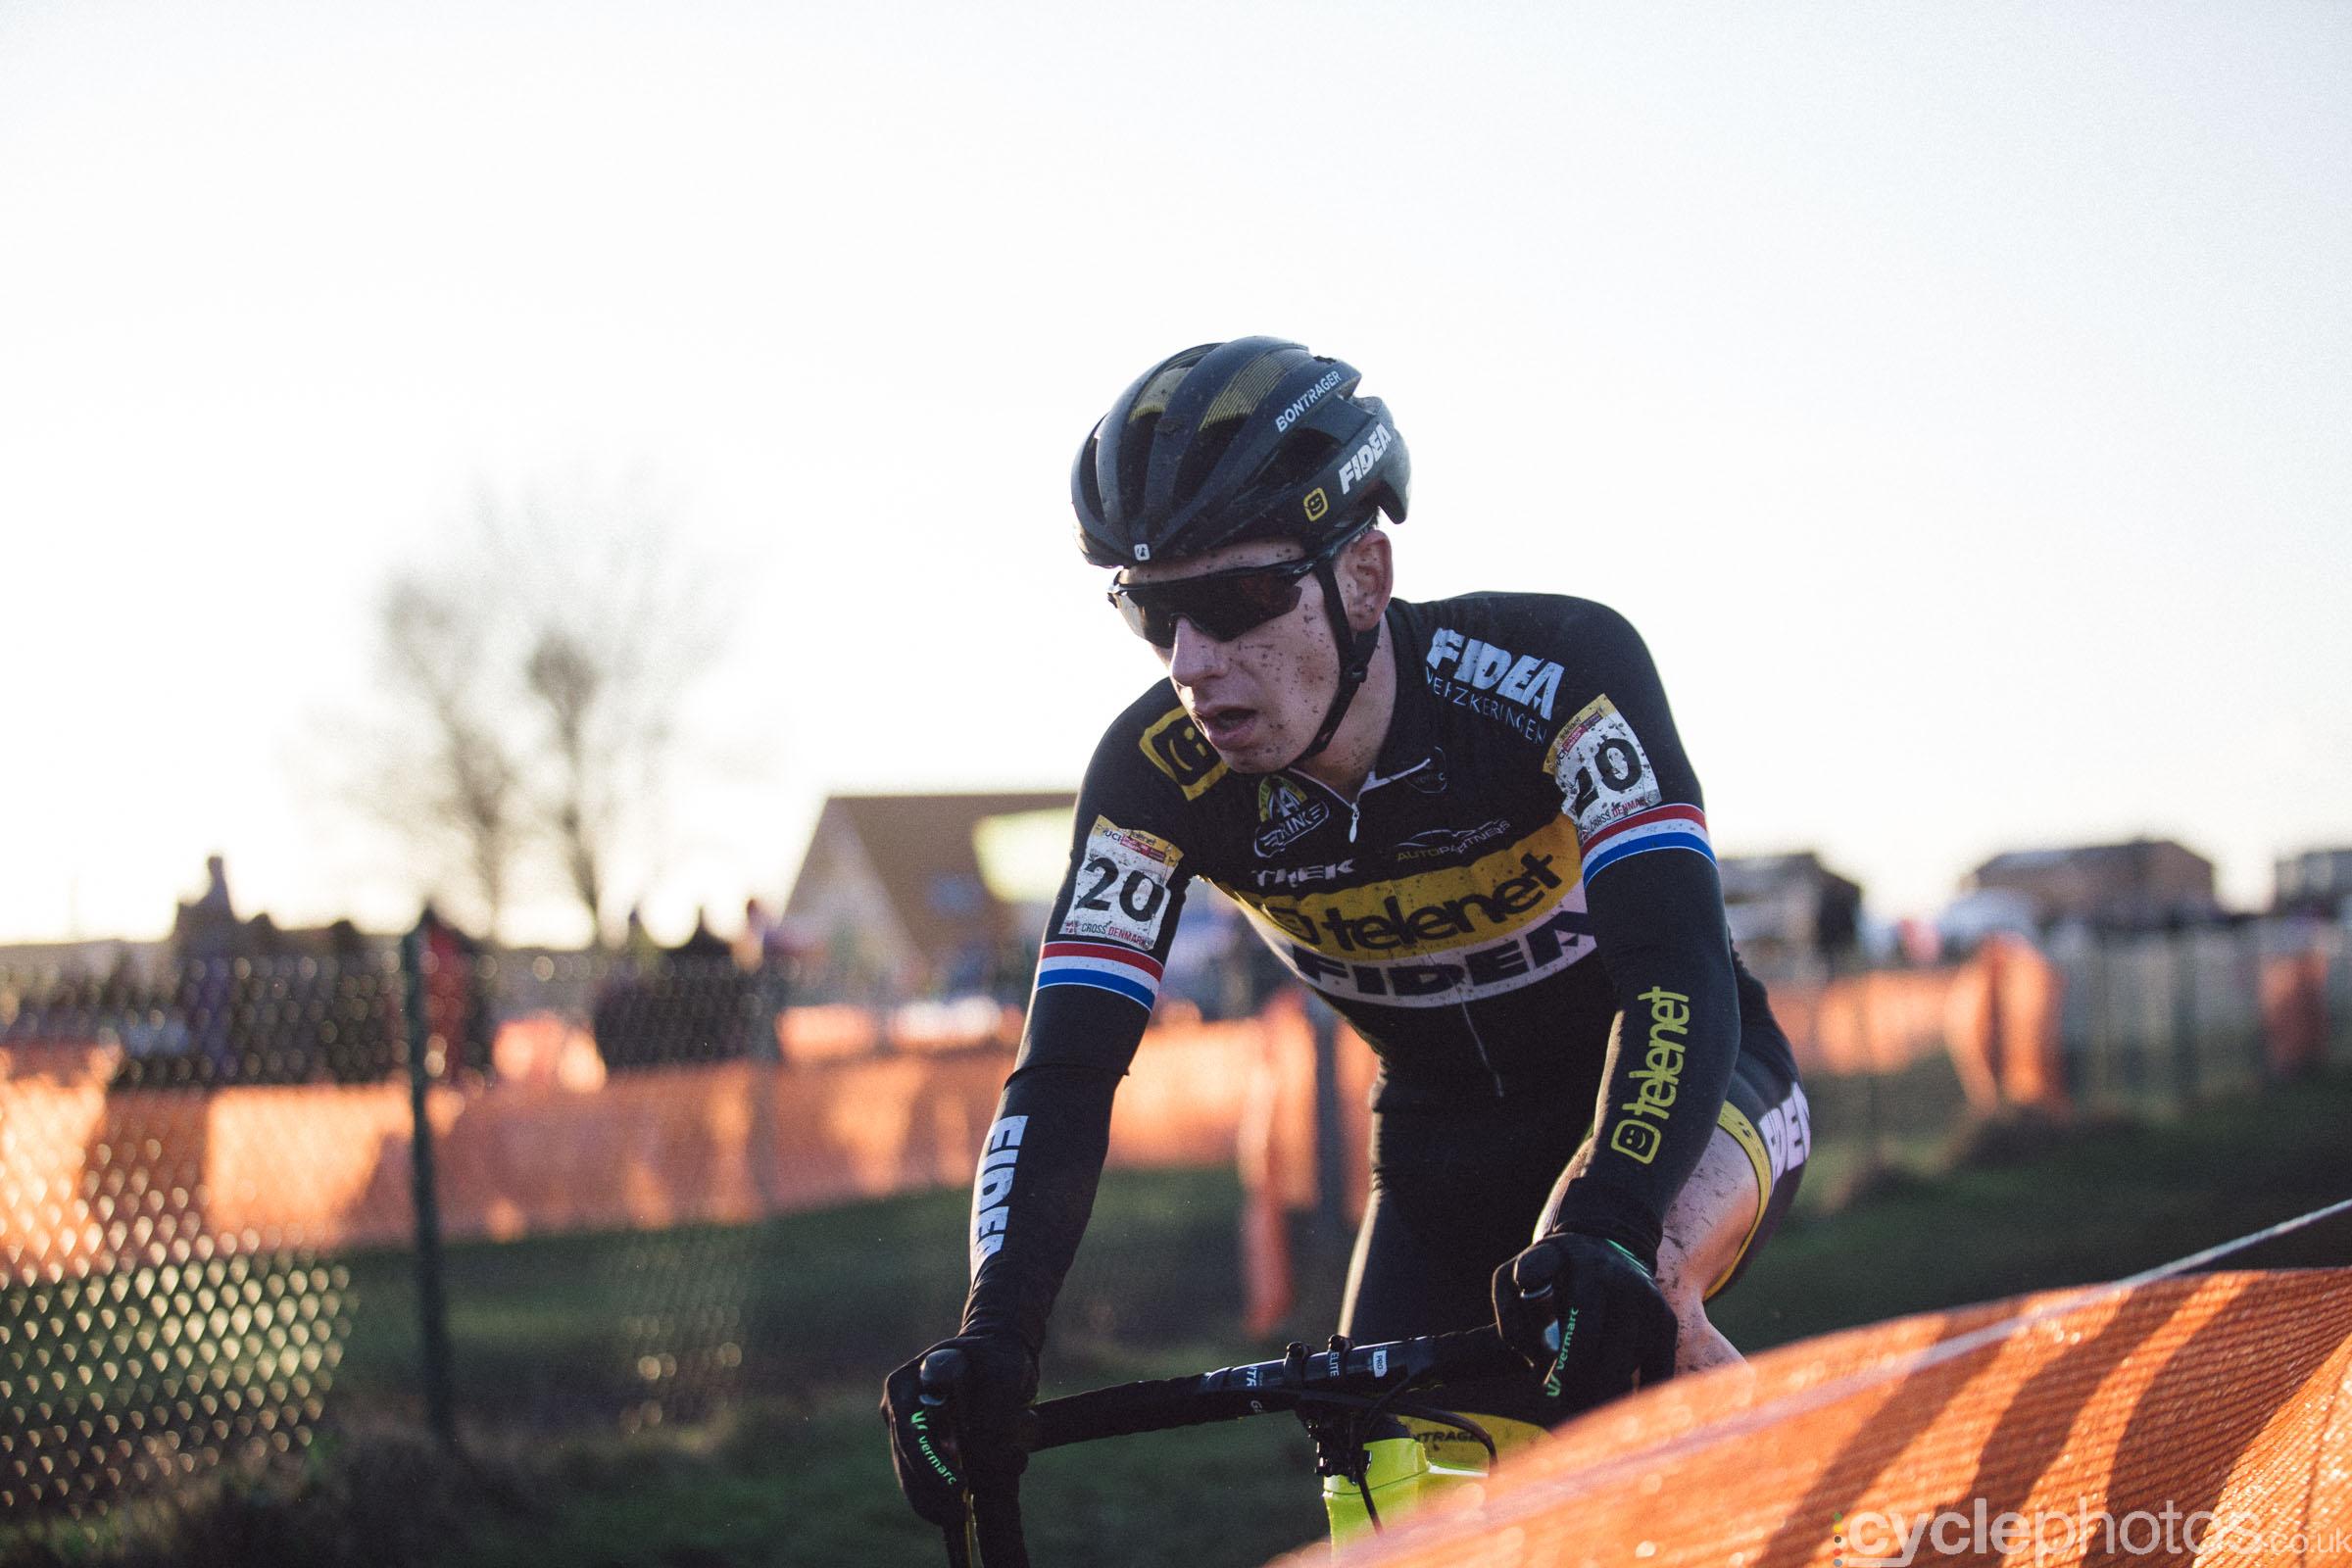 Lars van der Haar at UCI Cyclocross World Cup #4 - Bogense, DEN